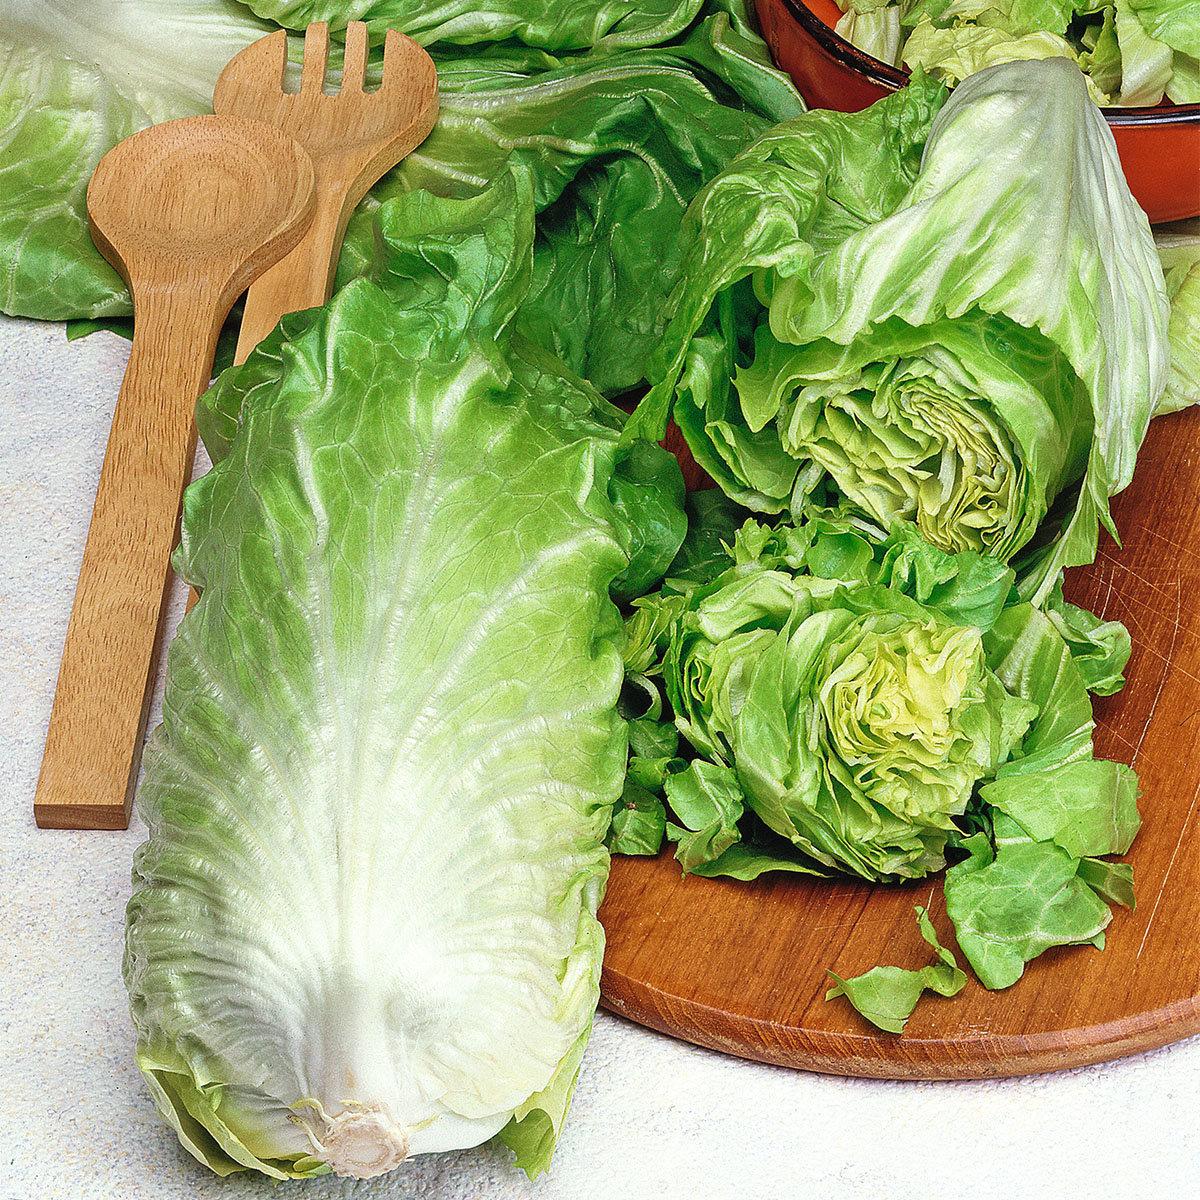 Salatsamen Zichorie Zuckerhut | #2